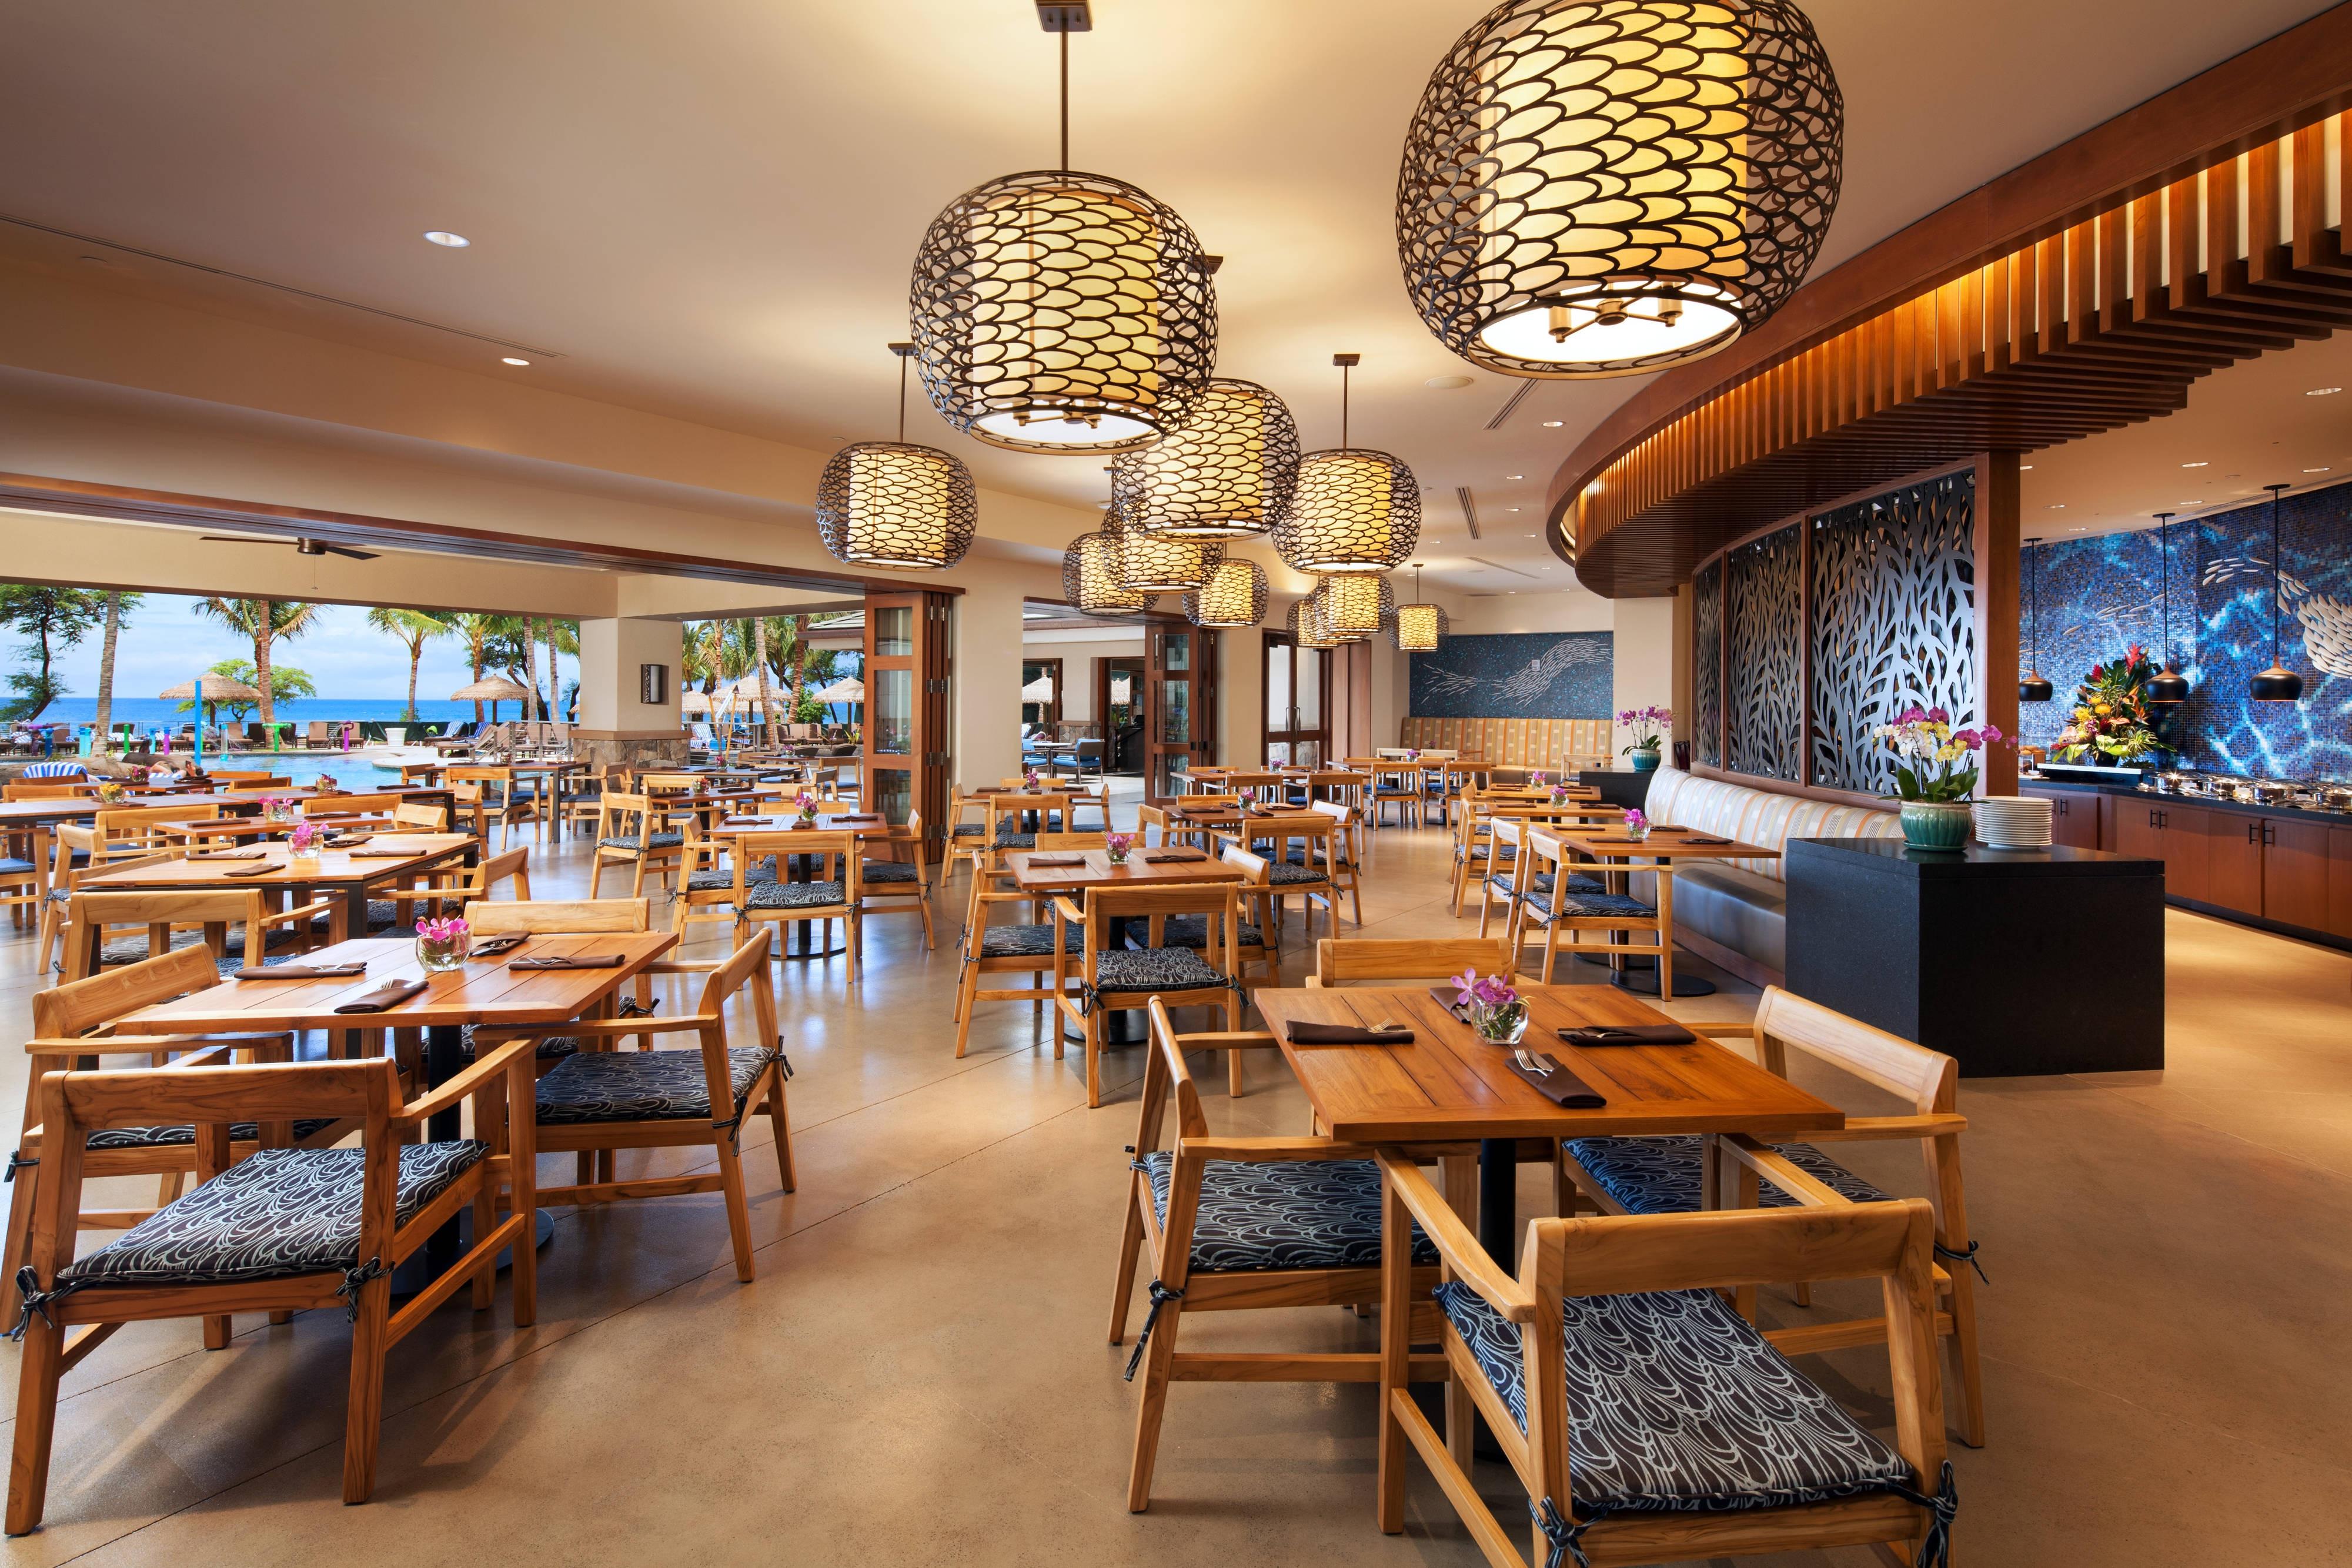 Mauka Makai Restaurant